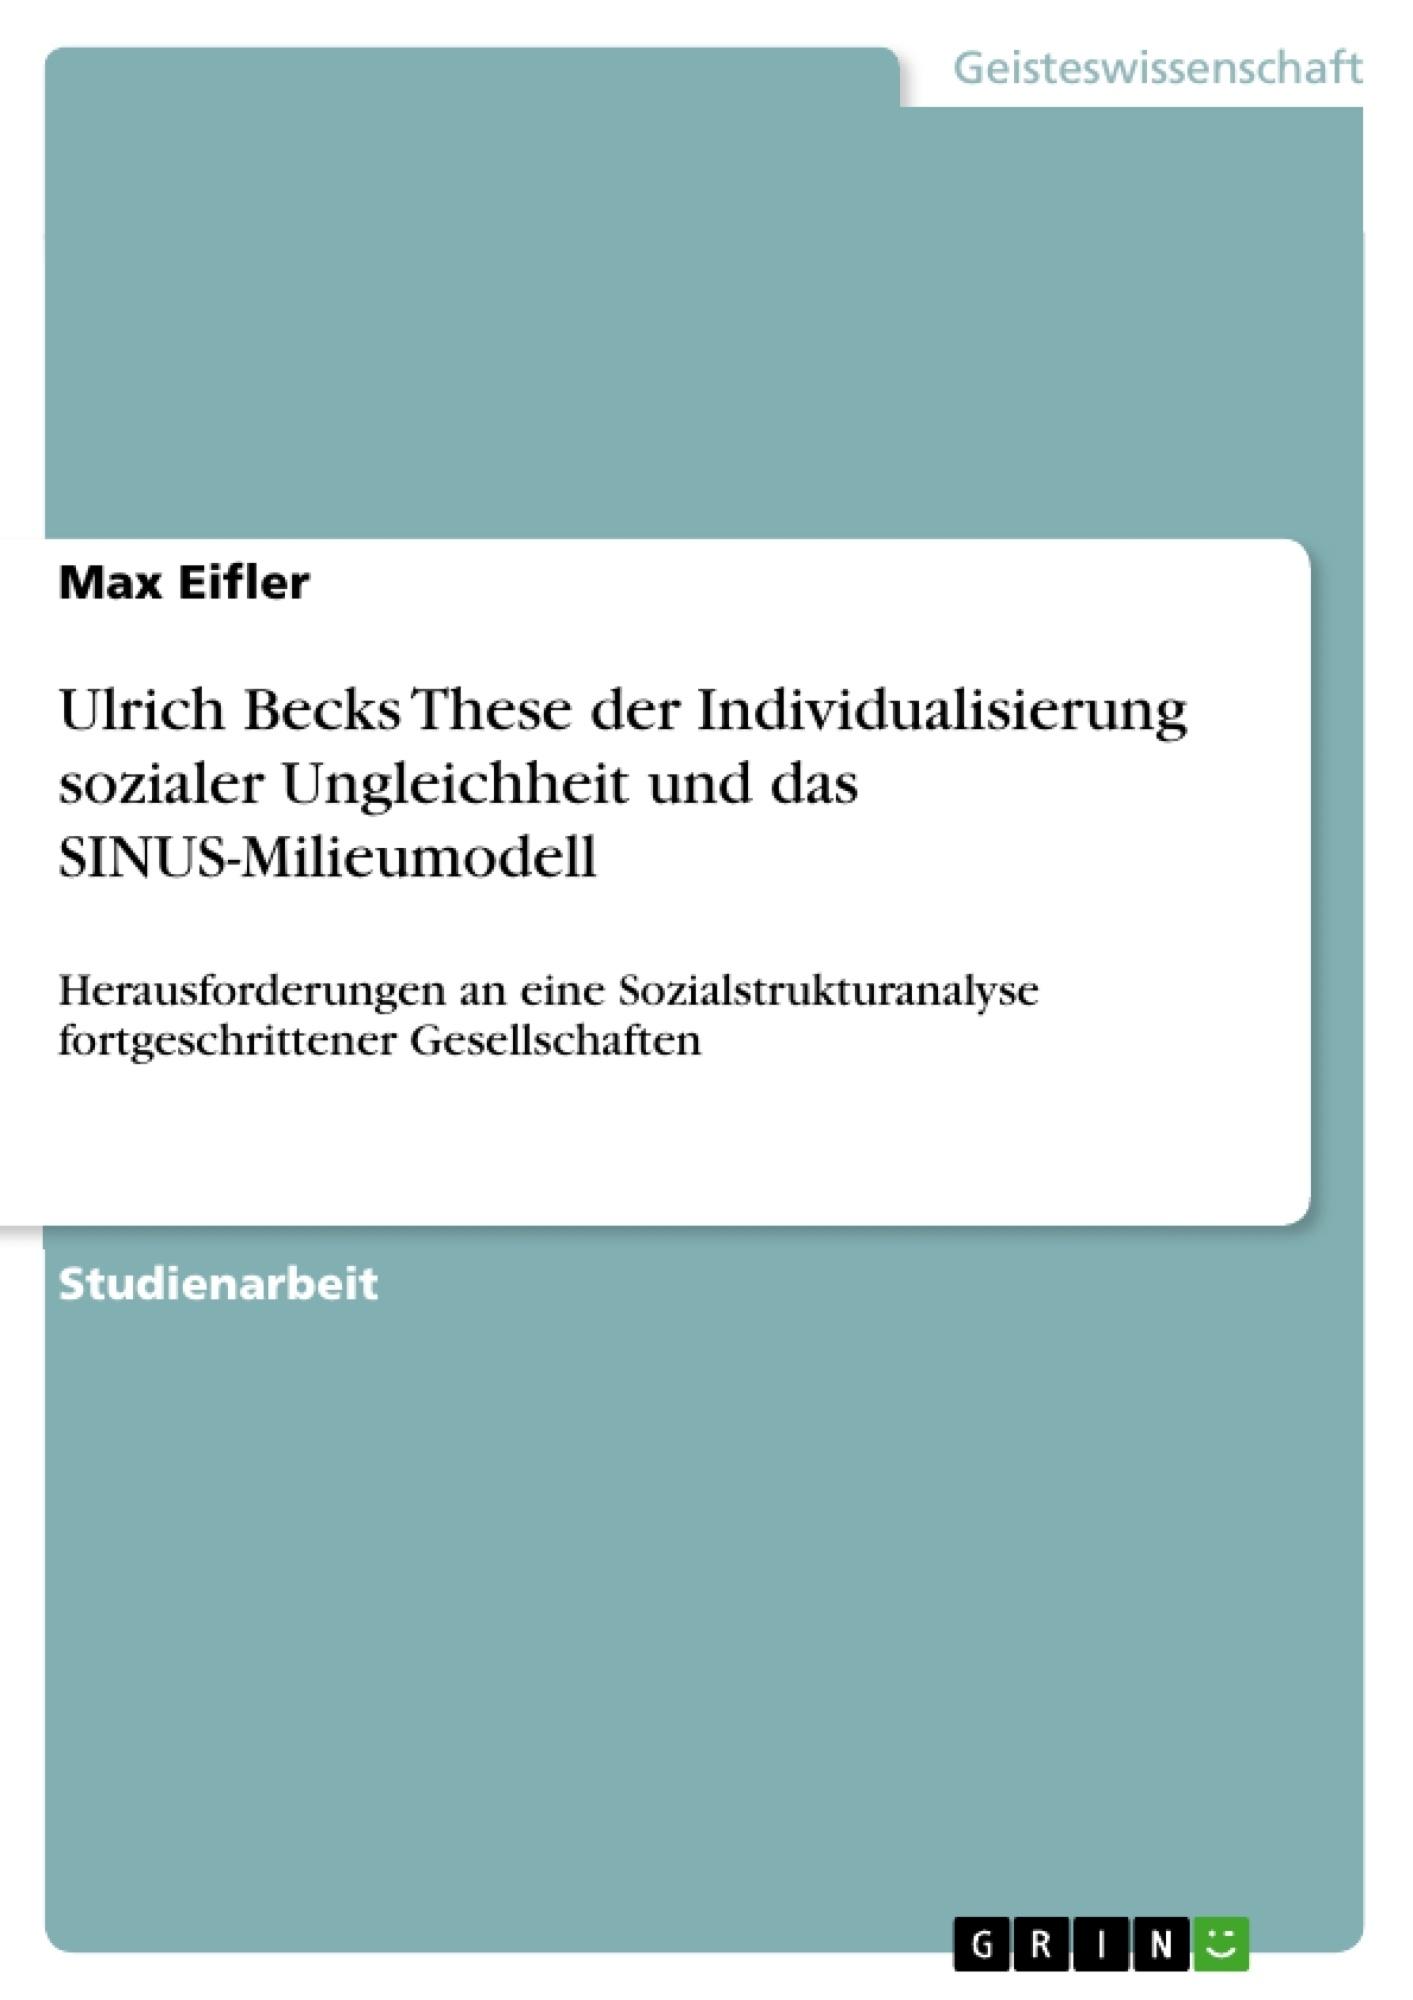 Titel: Ulrich Becks These der Individualisierung sozialer Ungleichheit und das SINUS-Milieumodell